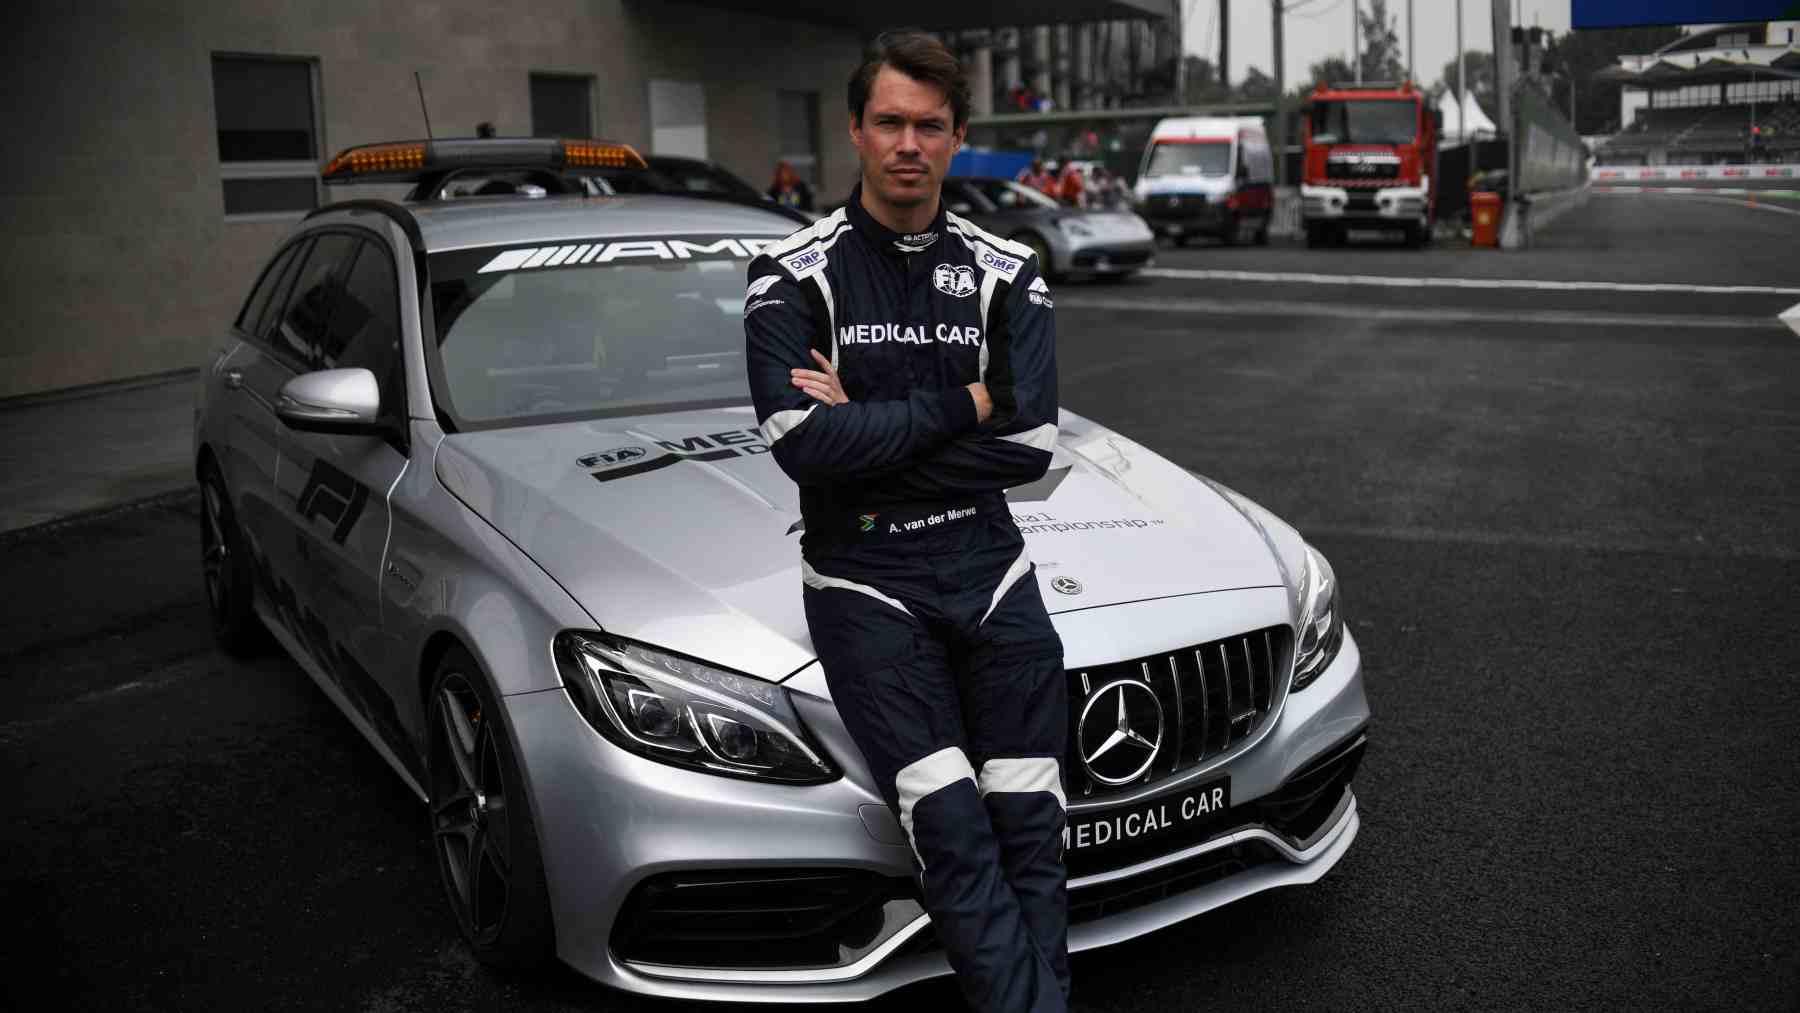 Alan van der Merwe, el piloto del coche médico de la Fórmula 1. (AFP)